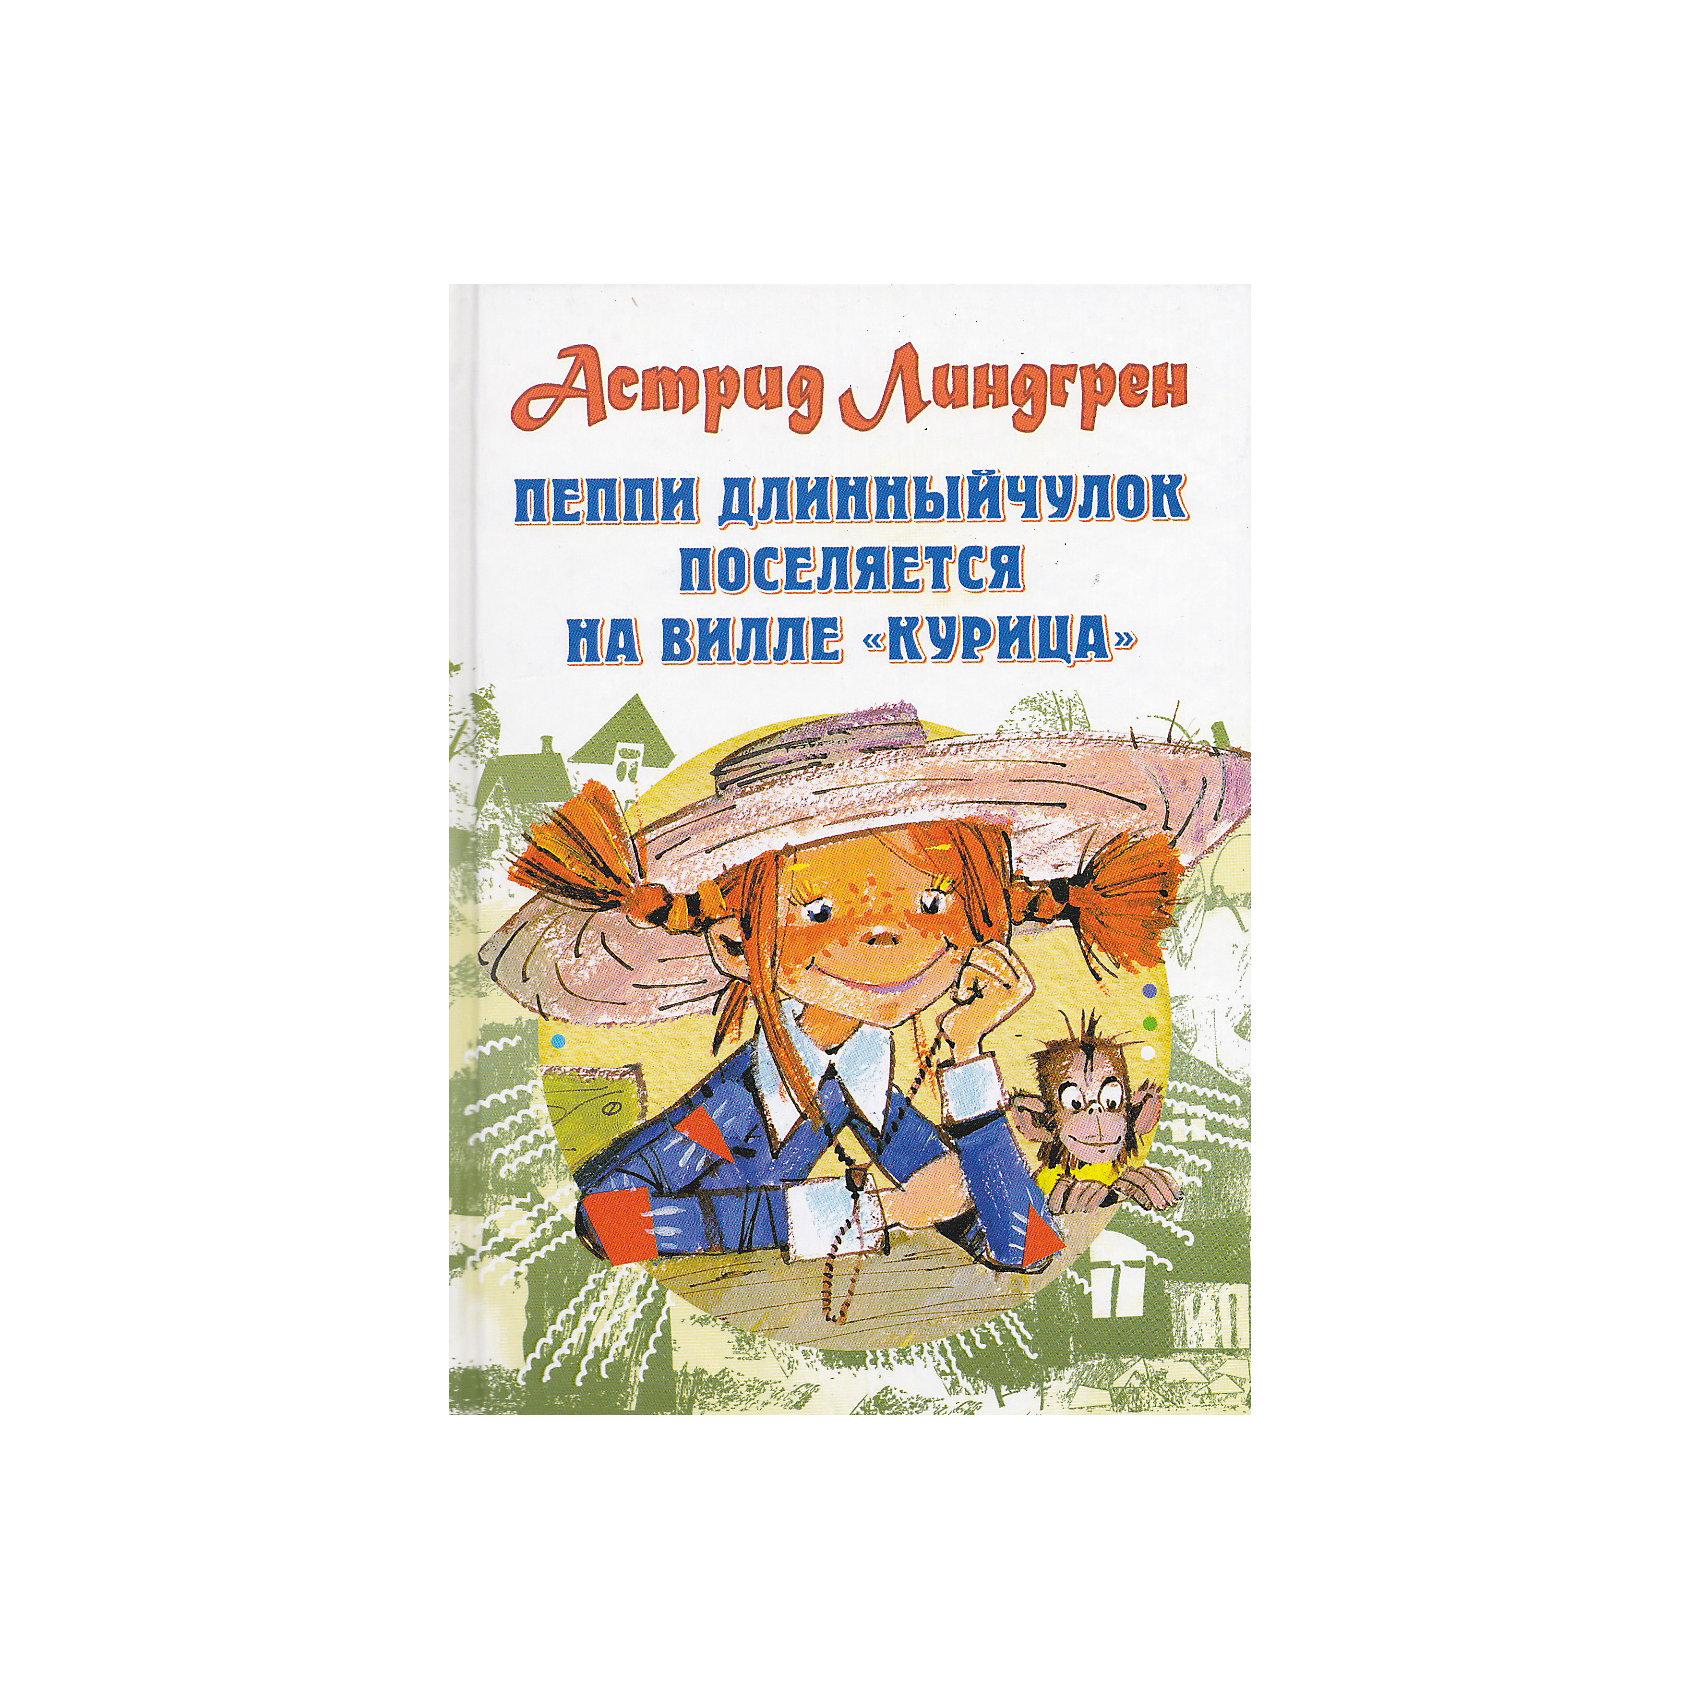 Пеппи Длинныйчулок поселяется на вилле Курица, А. ЛиндгренКнига Пеппи Длинный чулок поселяется на вилле Курица - отличный повод почитать на каникулах. Книга с первых же страниц захватывает читателя в бурлящей водоворот энергии главной героини. Пеппи Длинный чулок наверное самая невероятная девчонка на свете. Каждую секунду в ее голове рождаются новые идеи и великие планы. Трогательные и очень точные иллюстрации Надежды Бугославской сделают впечатления еще сильнее. Книга прекрасно оформлена, поэтому станет отличным подарком. Когда ребенок погрузится в водоворот невероятной жизни Пеппи Длинный чулок, чтение станет его любимым занятием.<br><br>Дополнительная информация:<br><br>- Количество страниц: 129;<br>- Автор: Линдгрен Астрид;<br>- Художник: Бугославская Надежда;<br>- Прекрасный подарок;<br>- Яркие иллюстрации;<br>- Твердая обложка;<br>- Размер книги: 20 х 15 х 2 см;<br>- Вес: 264 г<br><br>Книгу Пеппи Длинный чулок поселяется на вилле Курица, А. Линдгрен можно купить в нашем интернет-магазине.<br><br>Ширина мм: 16<br>Глубина мм: 140<br>Высота мм: 195<br>Вес г: 250<br>Возраст от месяцев: 84<br>Возраст до месяцев: 144<br>Пол: Унисекс<br>Возраст: Детский<br>SKU: 4212587